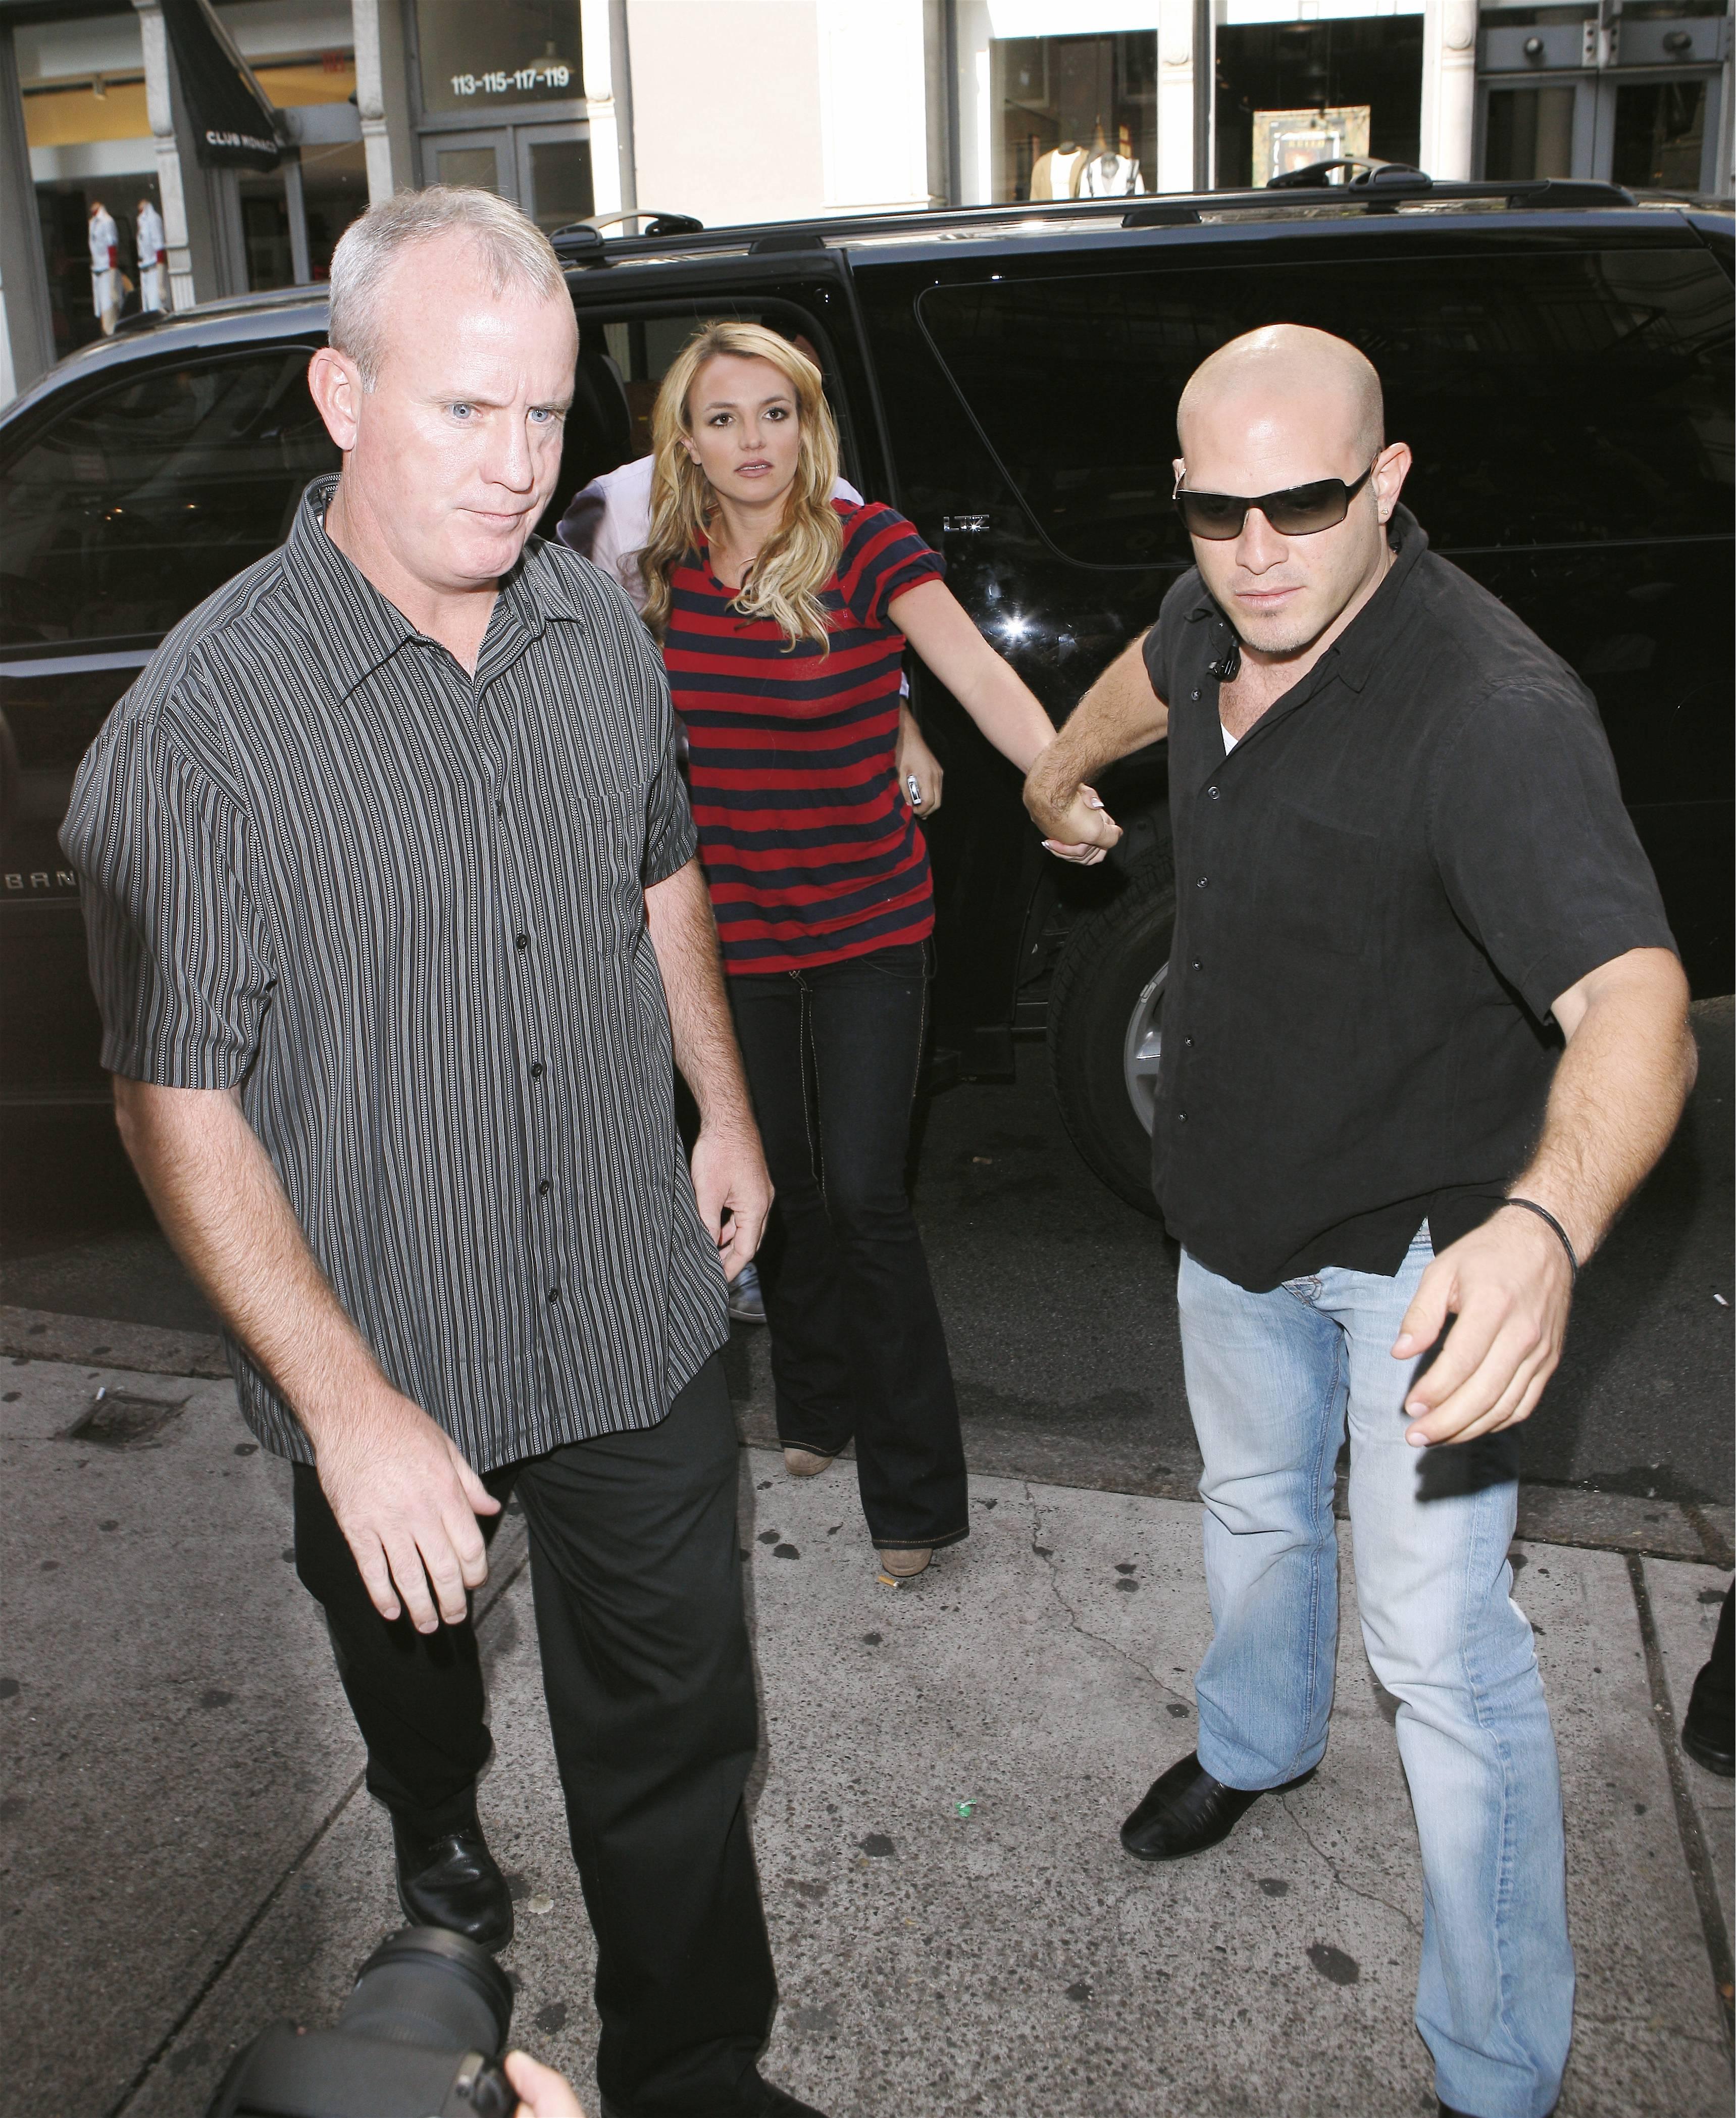 06879_Celebutopia-Britney_Spears_shopping_in_Soho-09_122_26lo.jpg